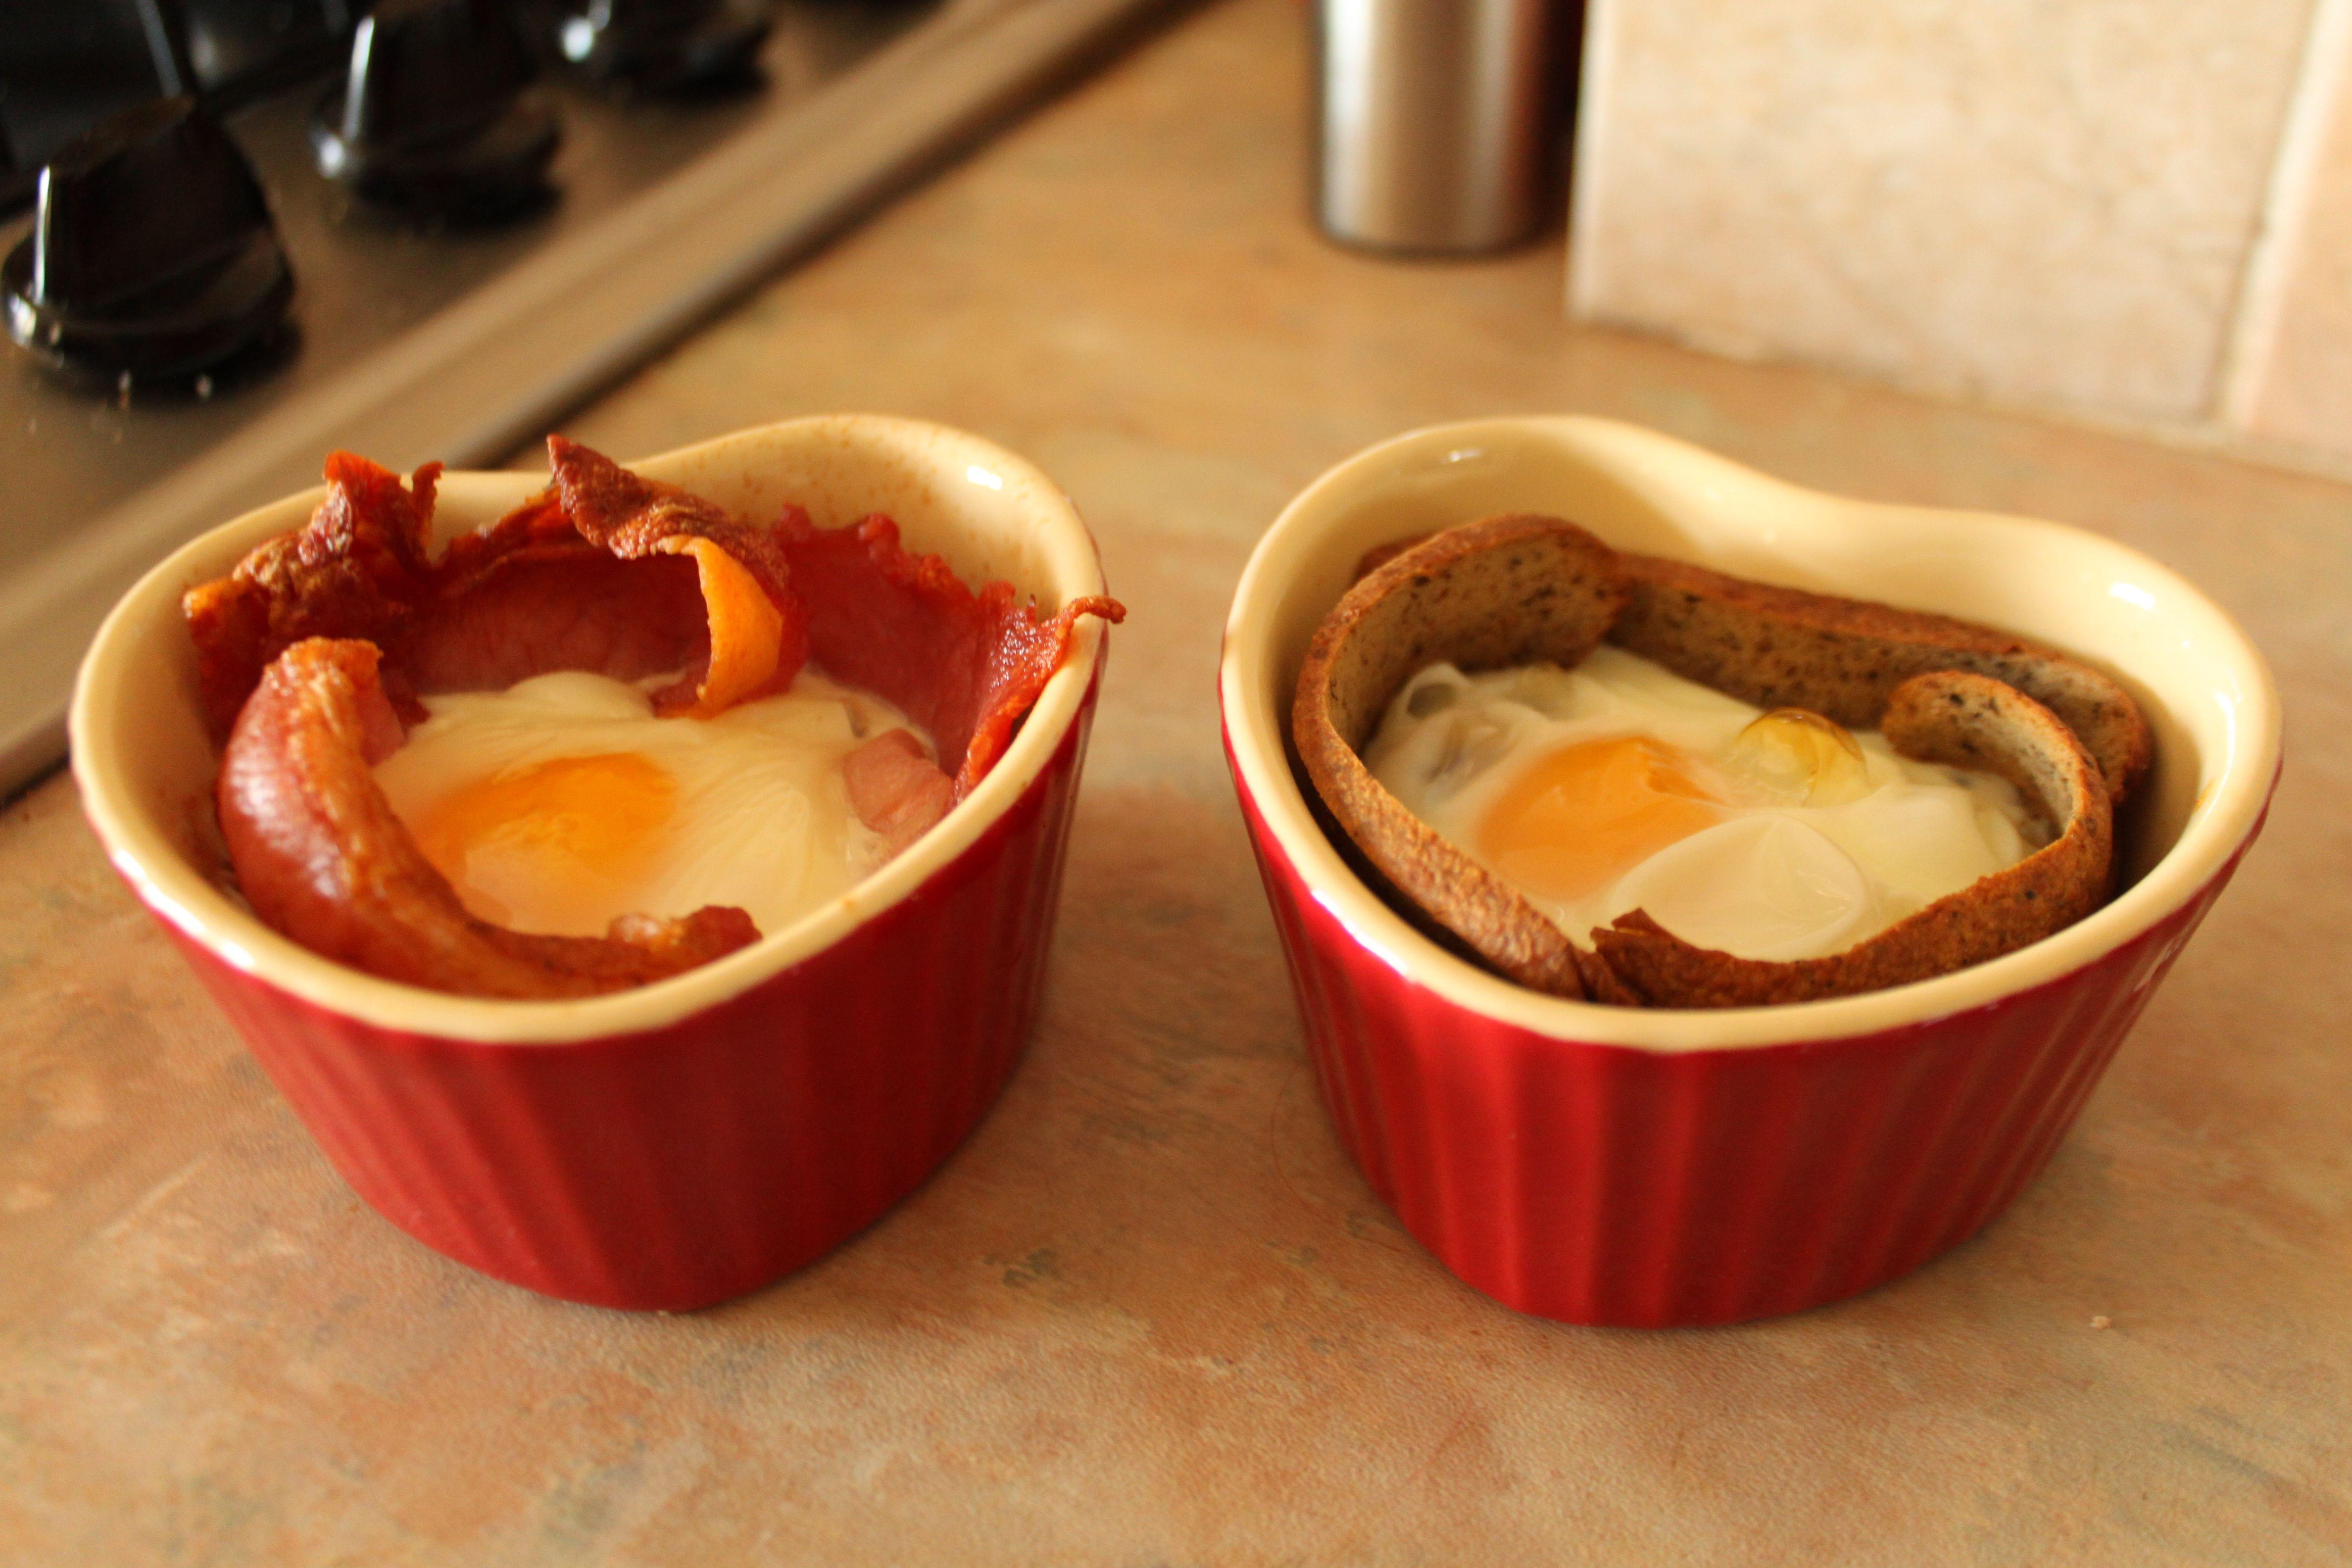 Egg & bacon ramekins